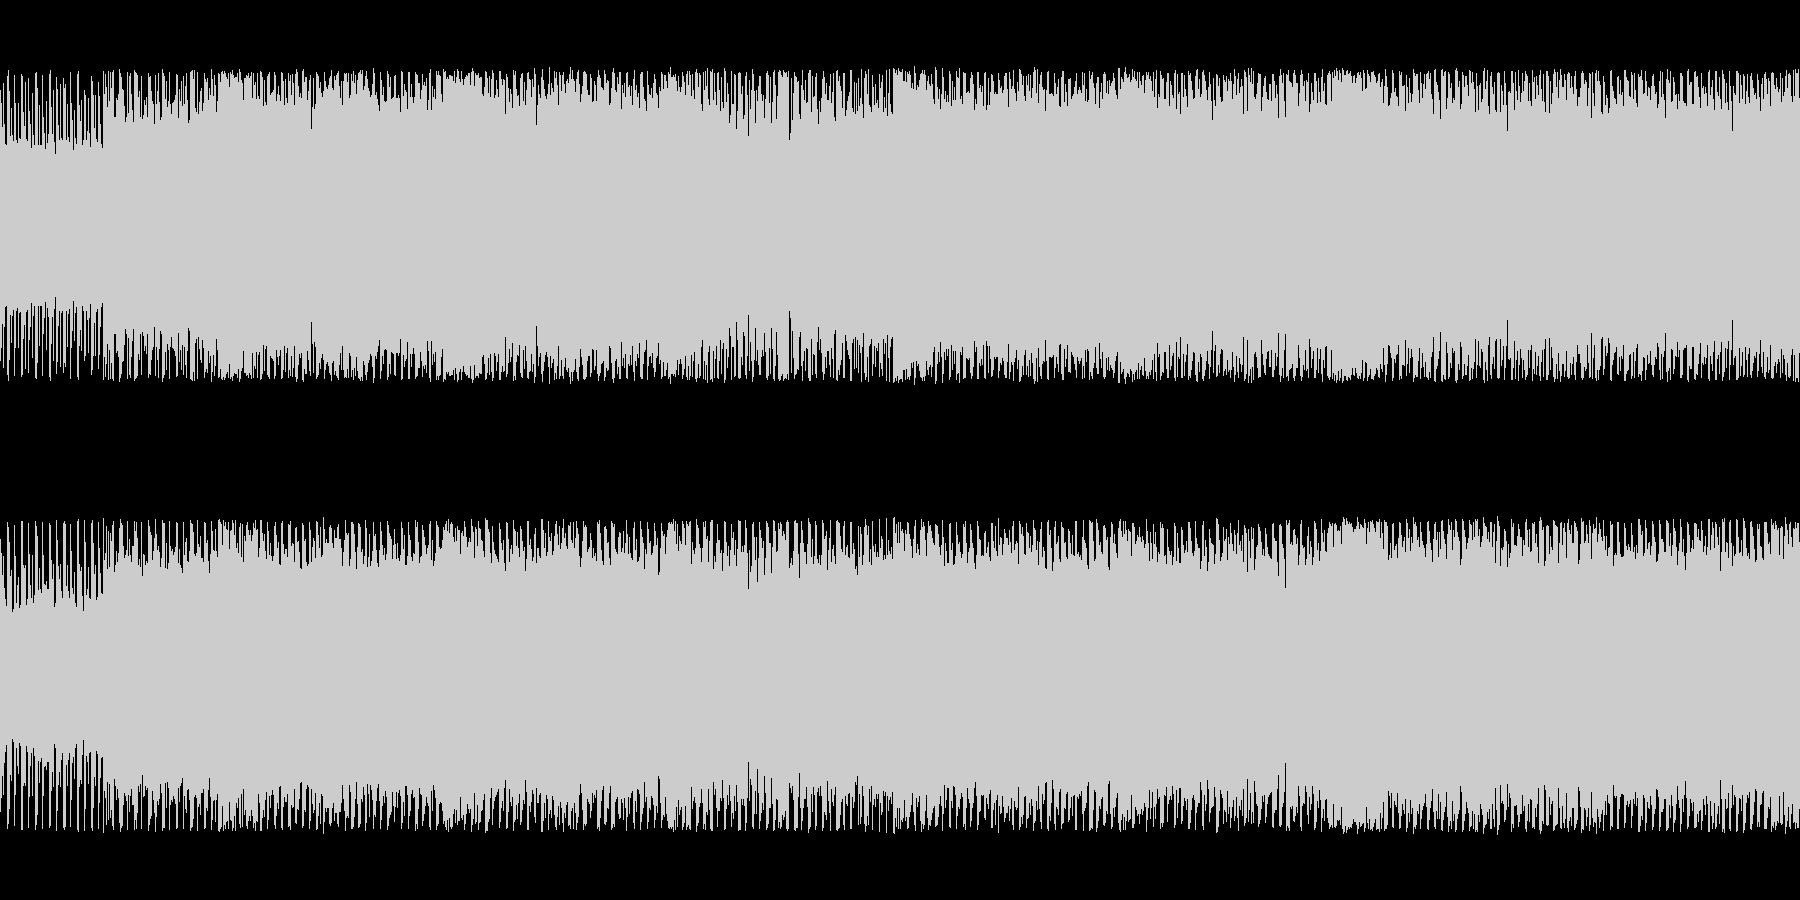 シリアスな四つ打ちチップチューンサウンドの未再生の波形